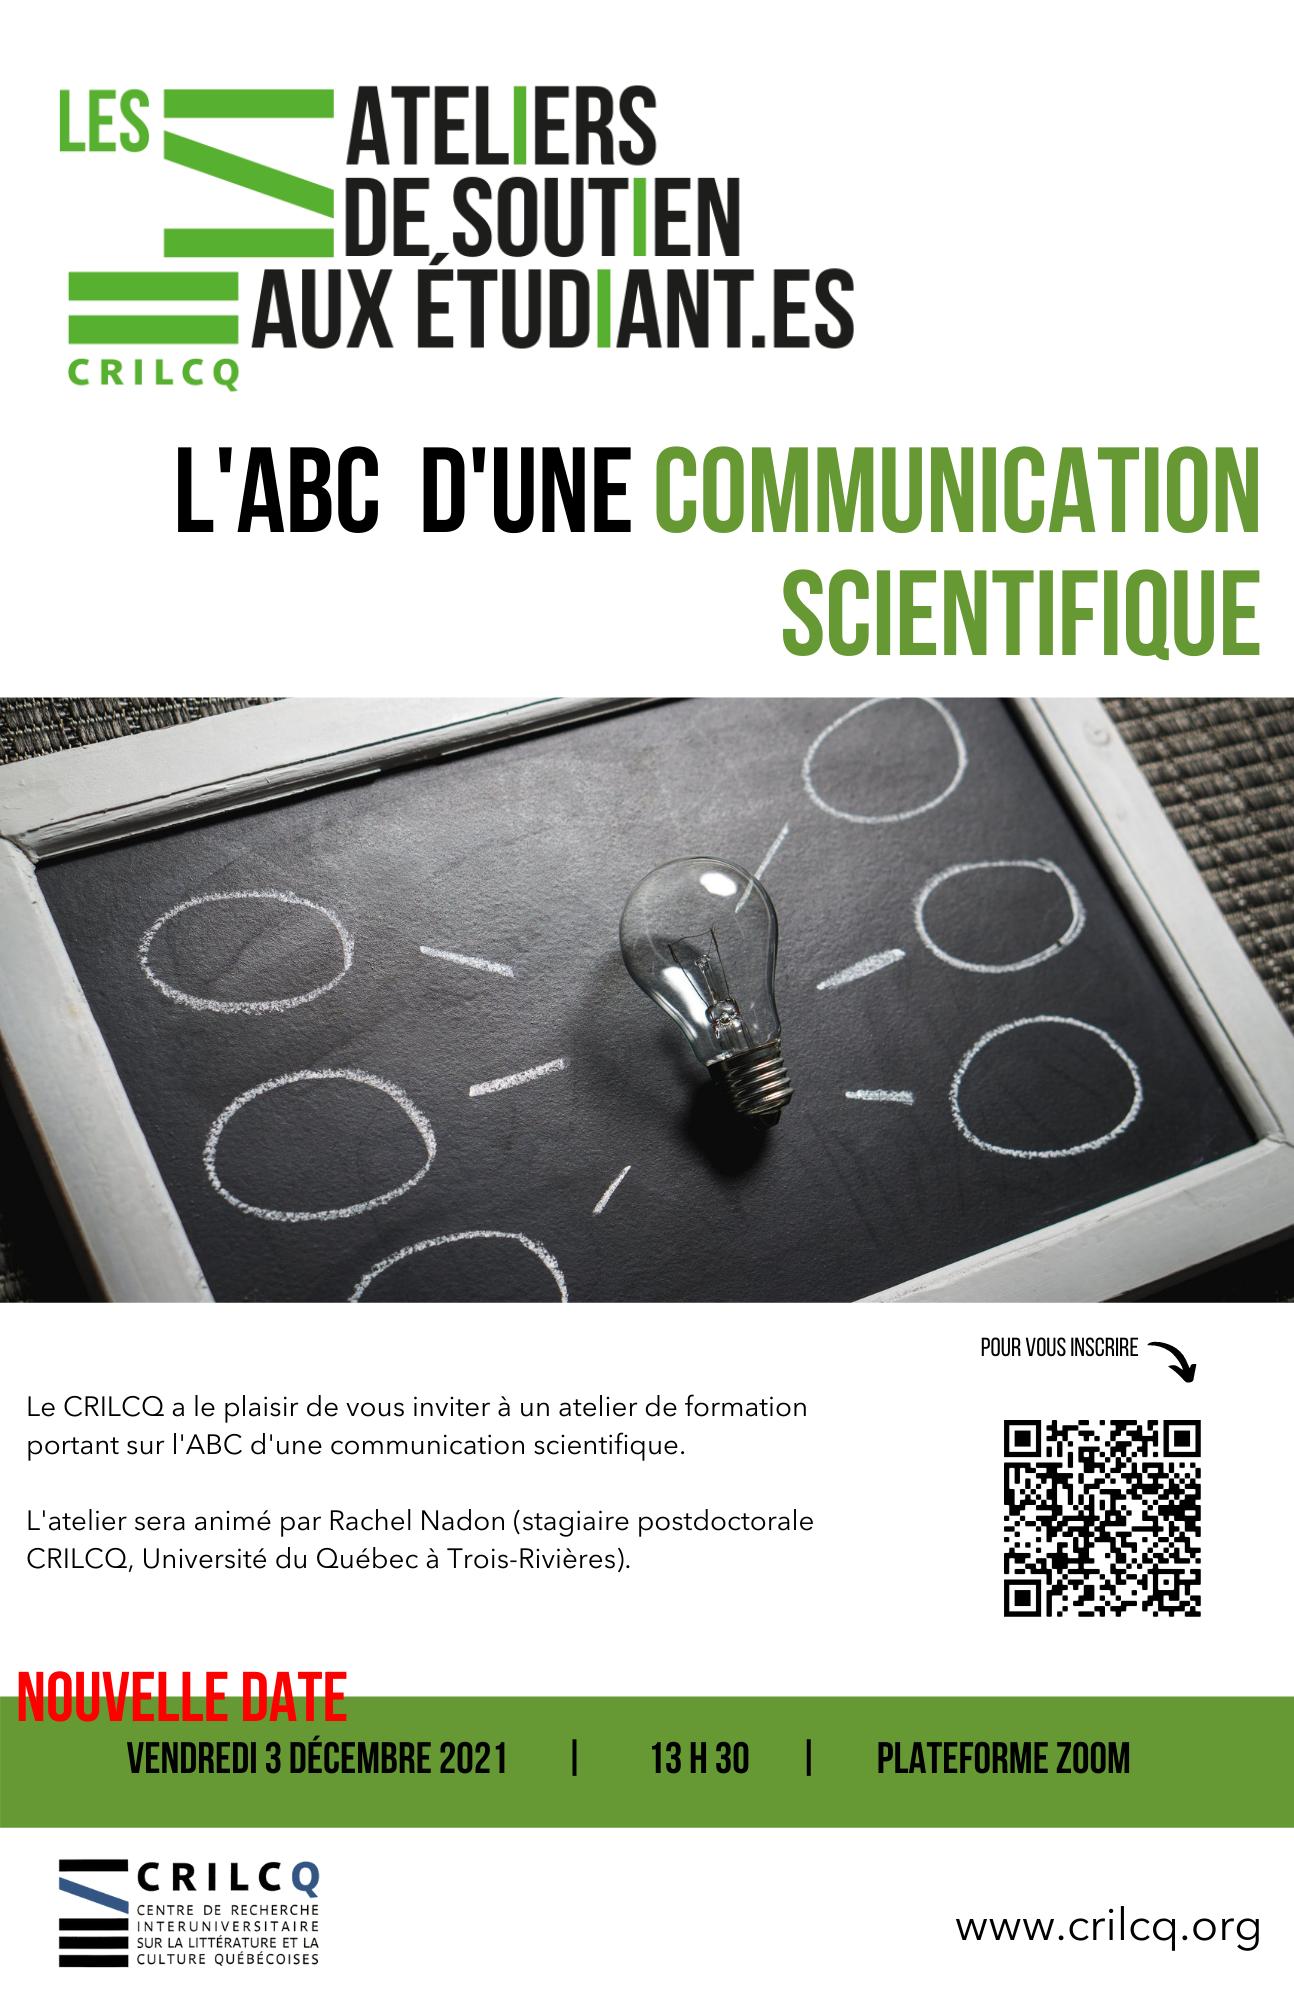 IMAGE-atelier-de-soutien-abc-communication-scientifique-reportee